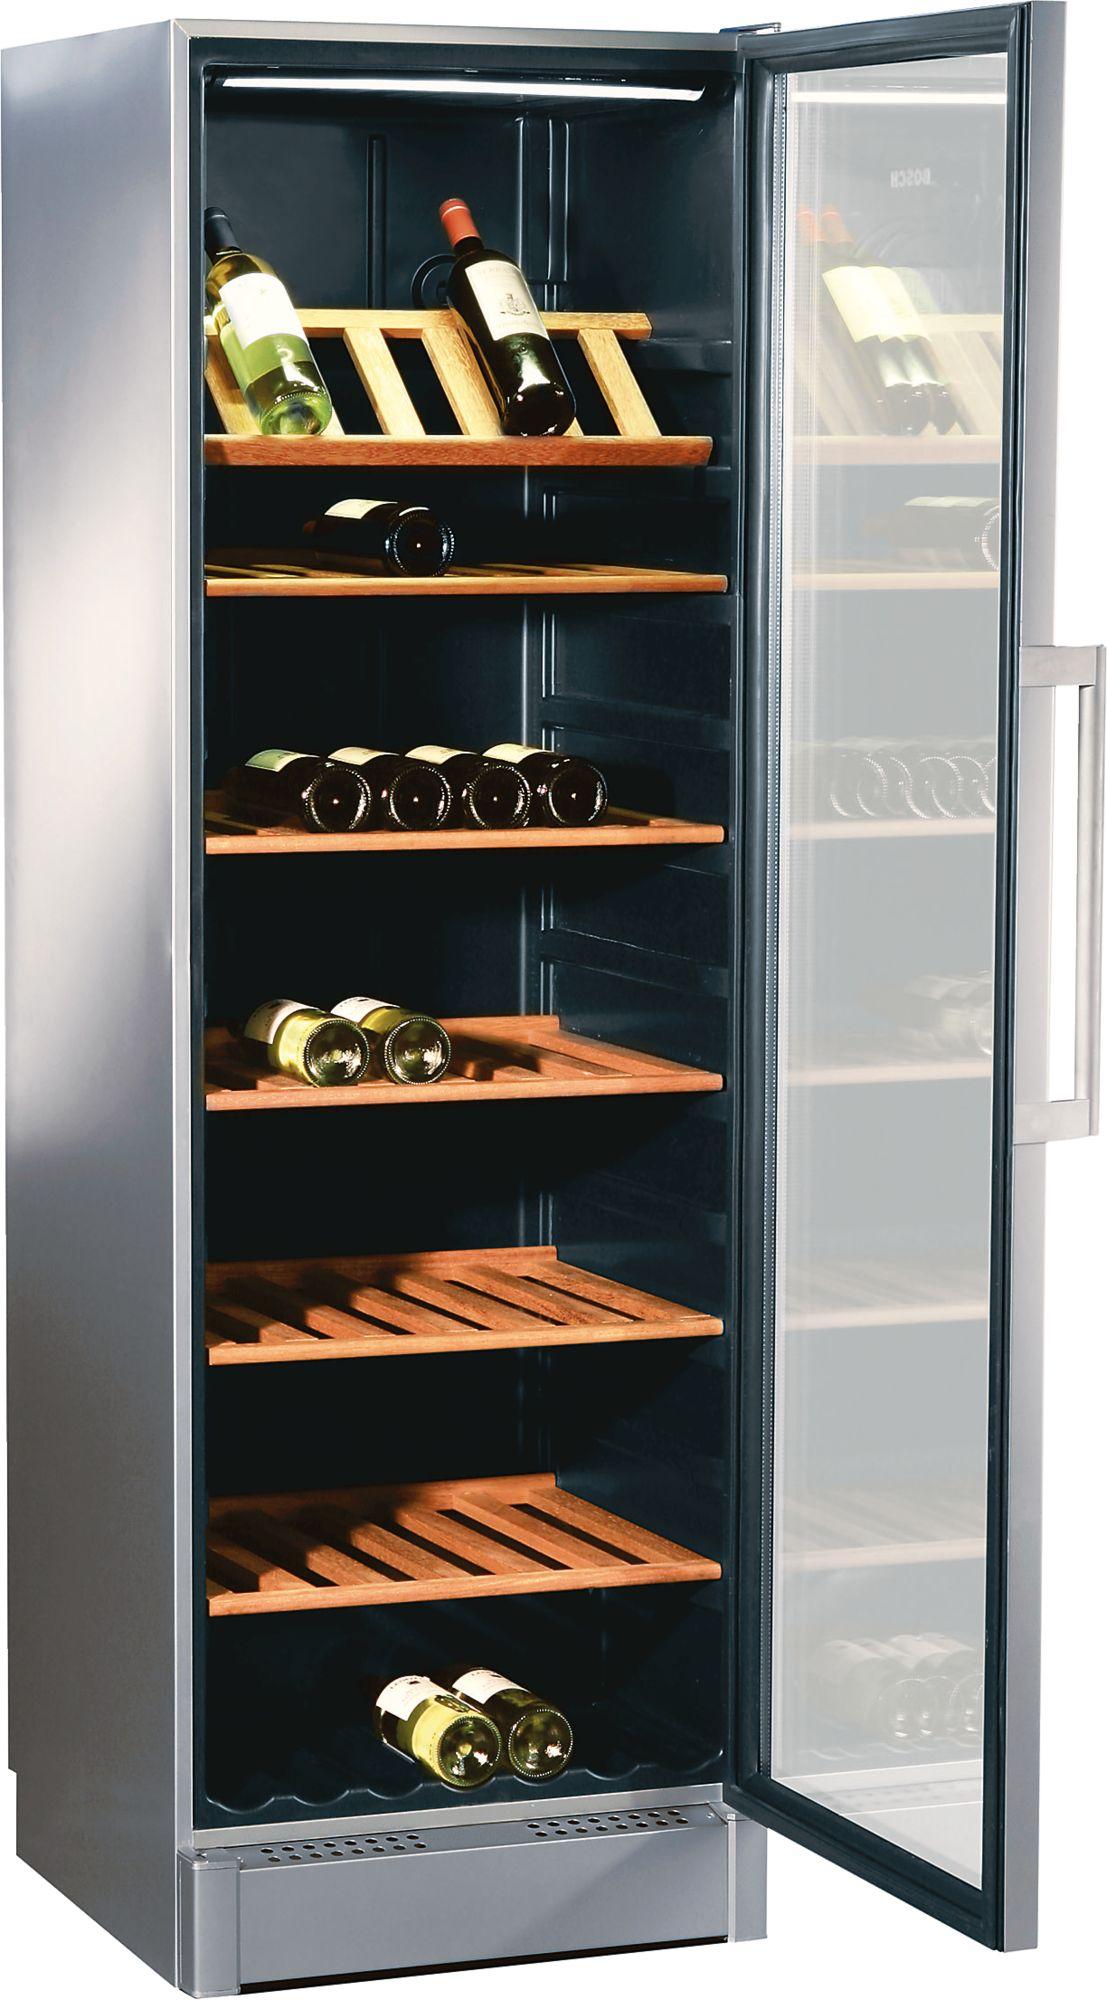 ตู้แช่ไวน์ BOSCH รุ่น KSW38940